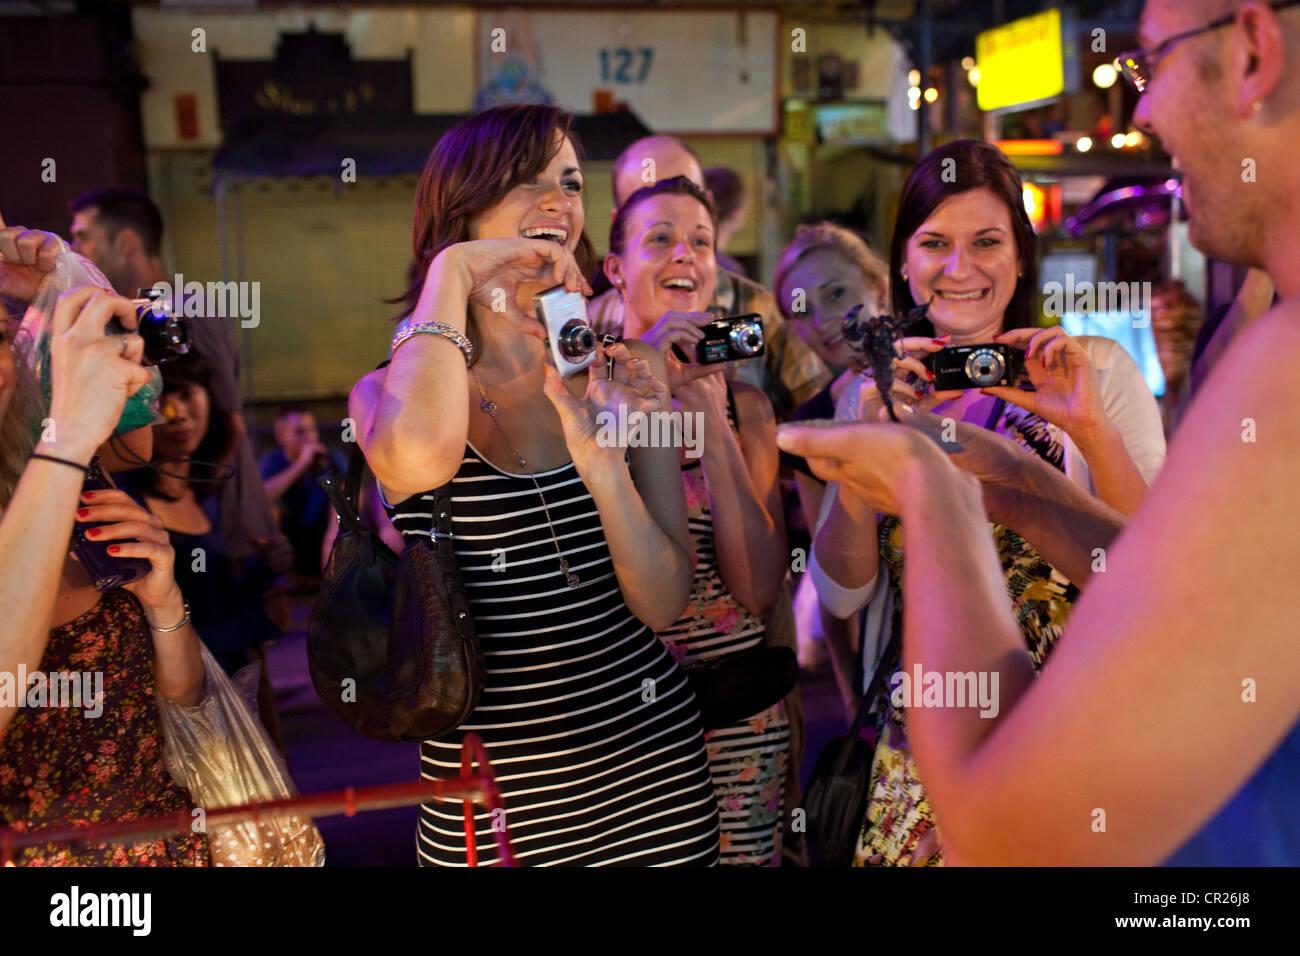 Touristen nehmen ein Foto von einem anderen Touristen Essen einen Skorpion auf der Khao San Road, Bangkok, Thailand. Stockbild